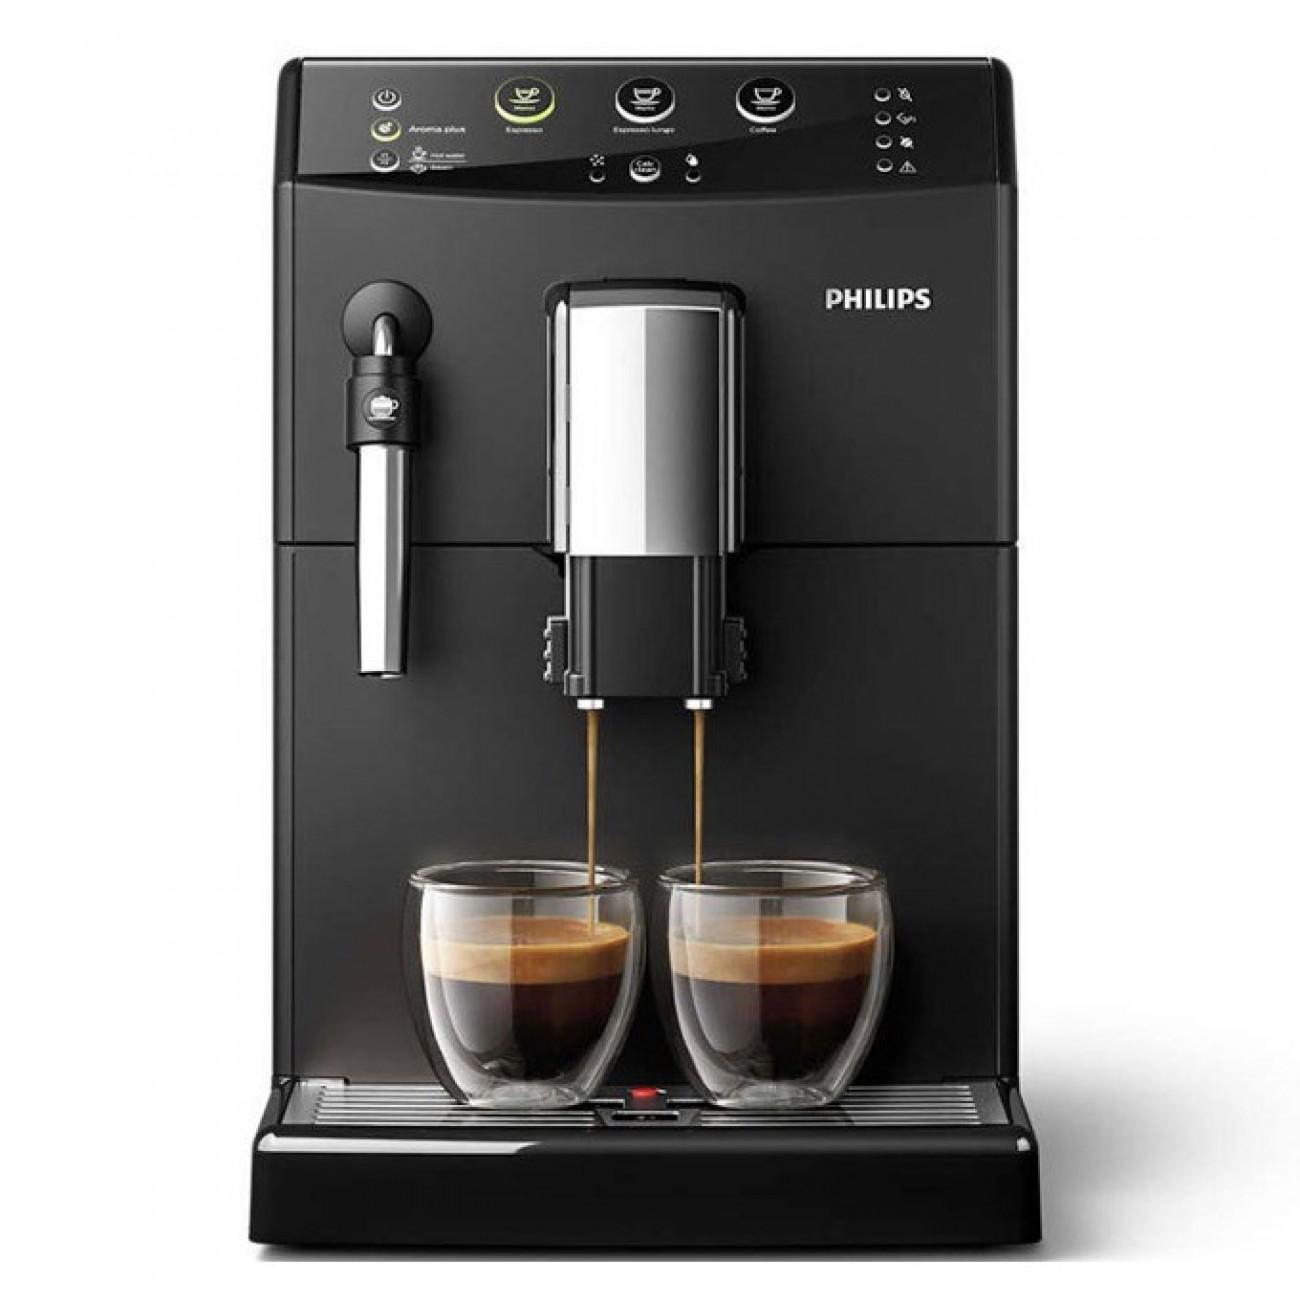 Автоматична еспресо машина Philips HD 8827 / 09, 1850W, 15 bar налягане, керамични мелачки за кафе, Aroma Plus, черна в Кафемашини -  | Alleop